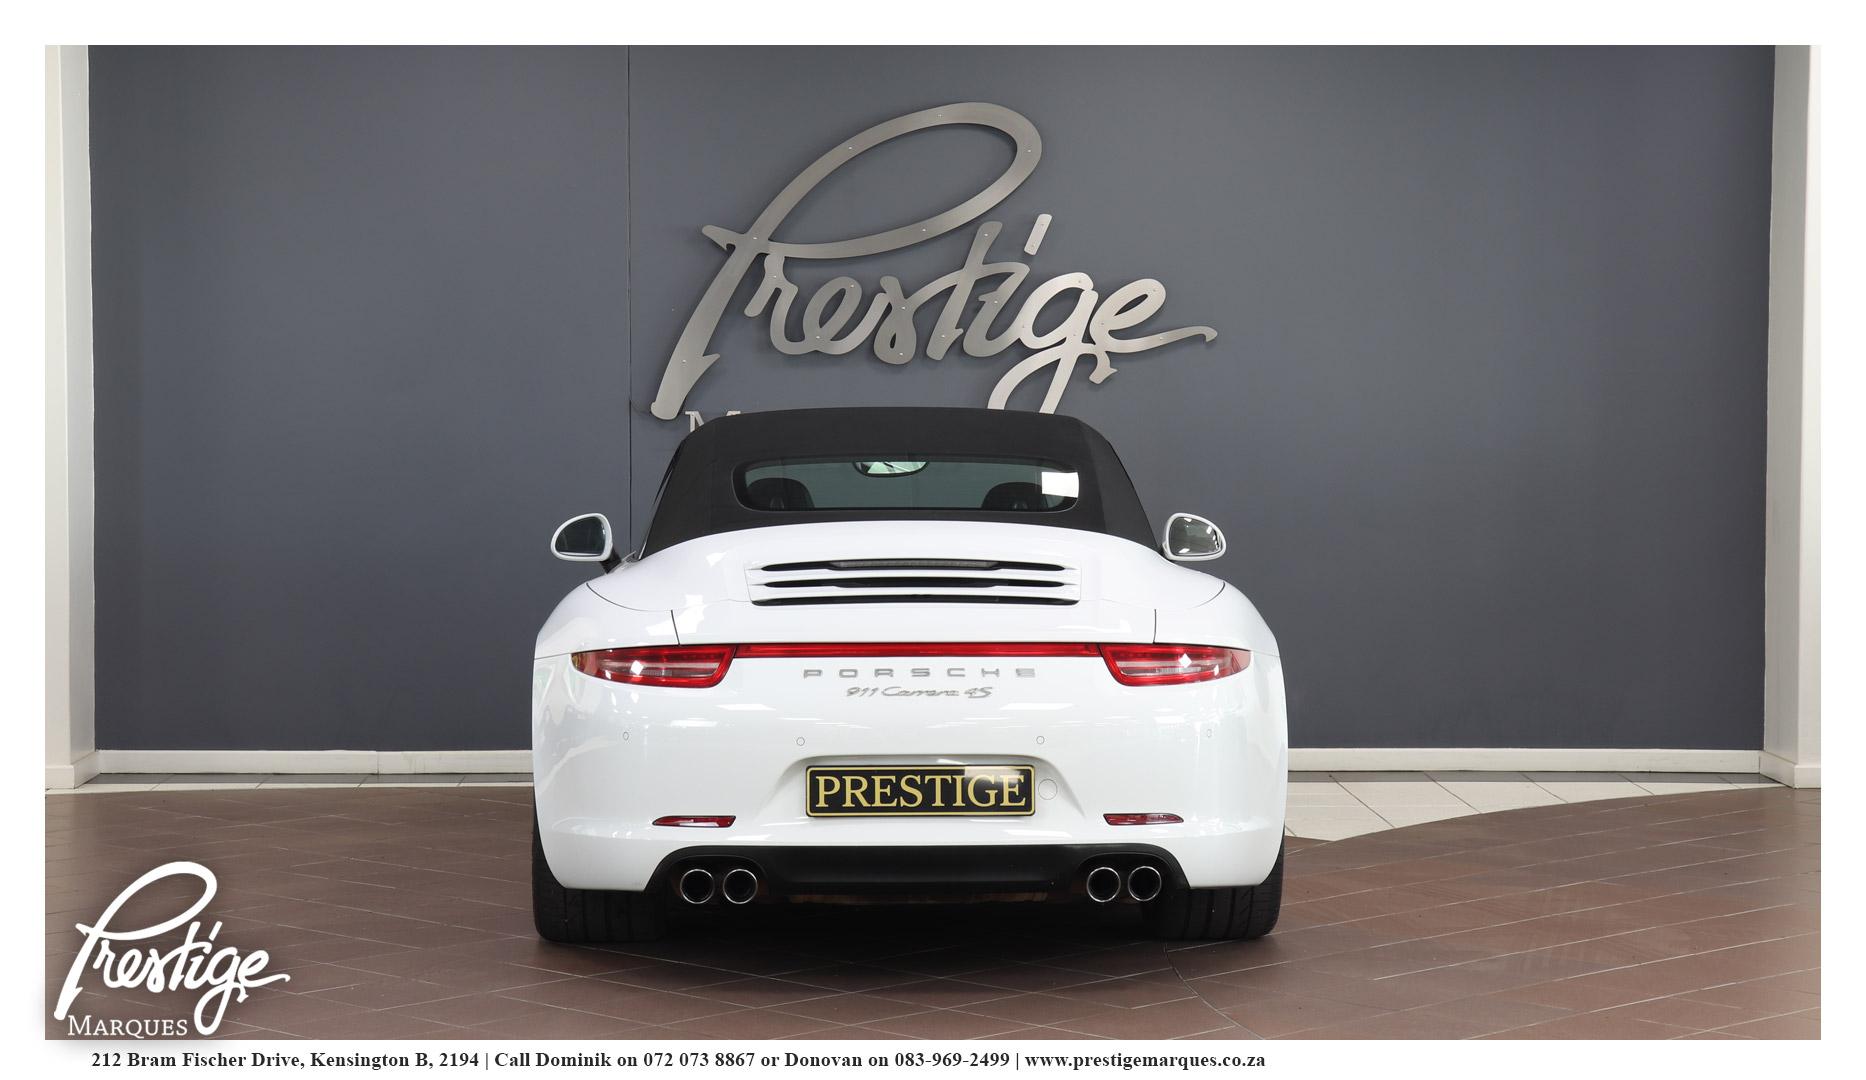 2013-Porsche-911-991-Carrera-4s-PDK-Cabriolet-Prestige-Marques-Randburg-Sandton-7